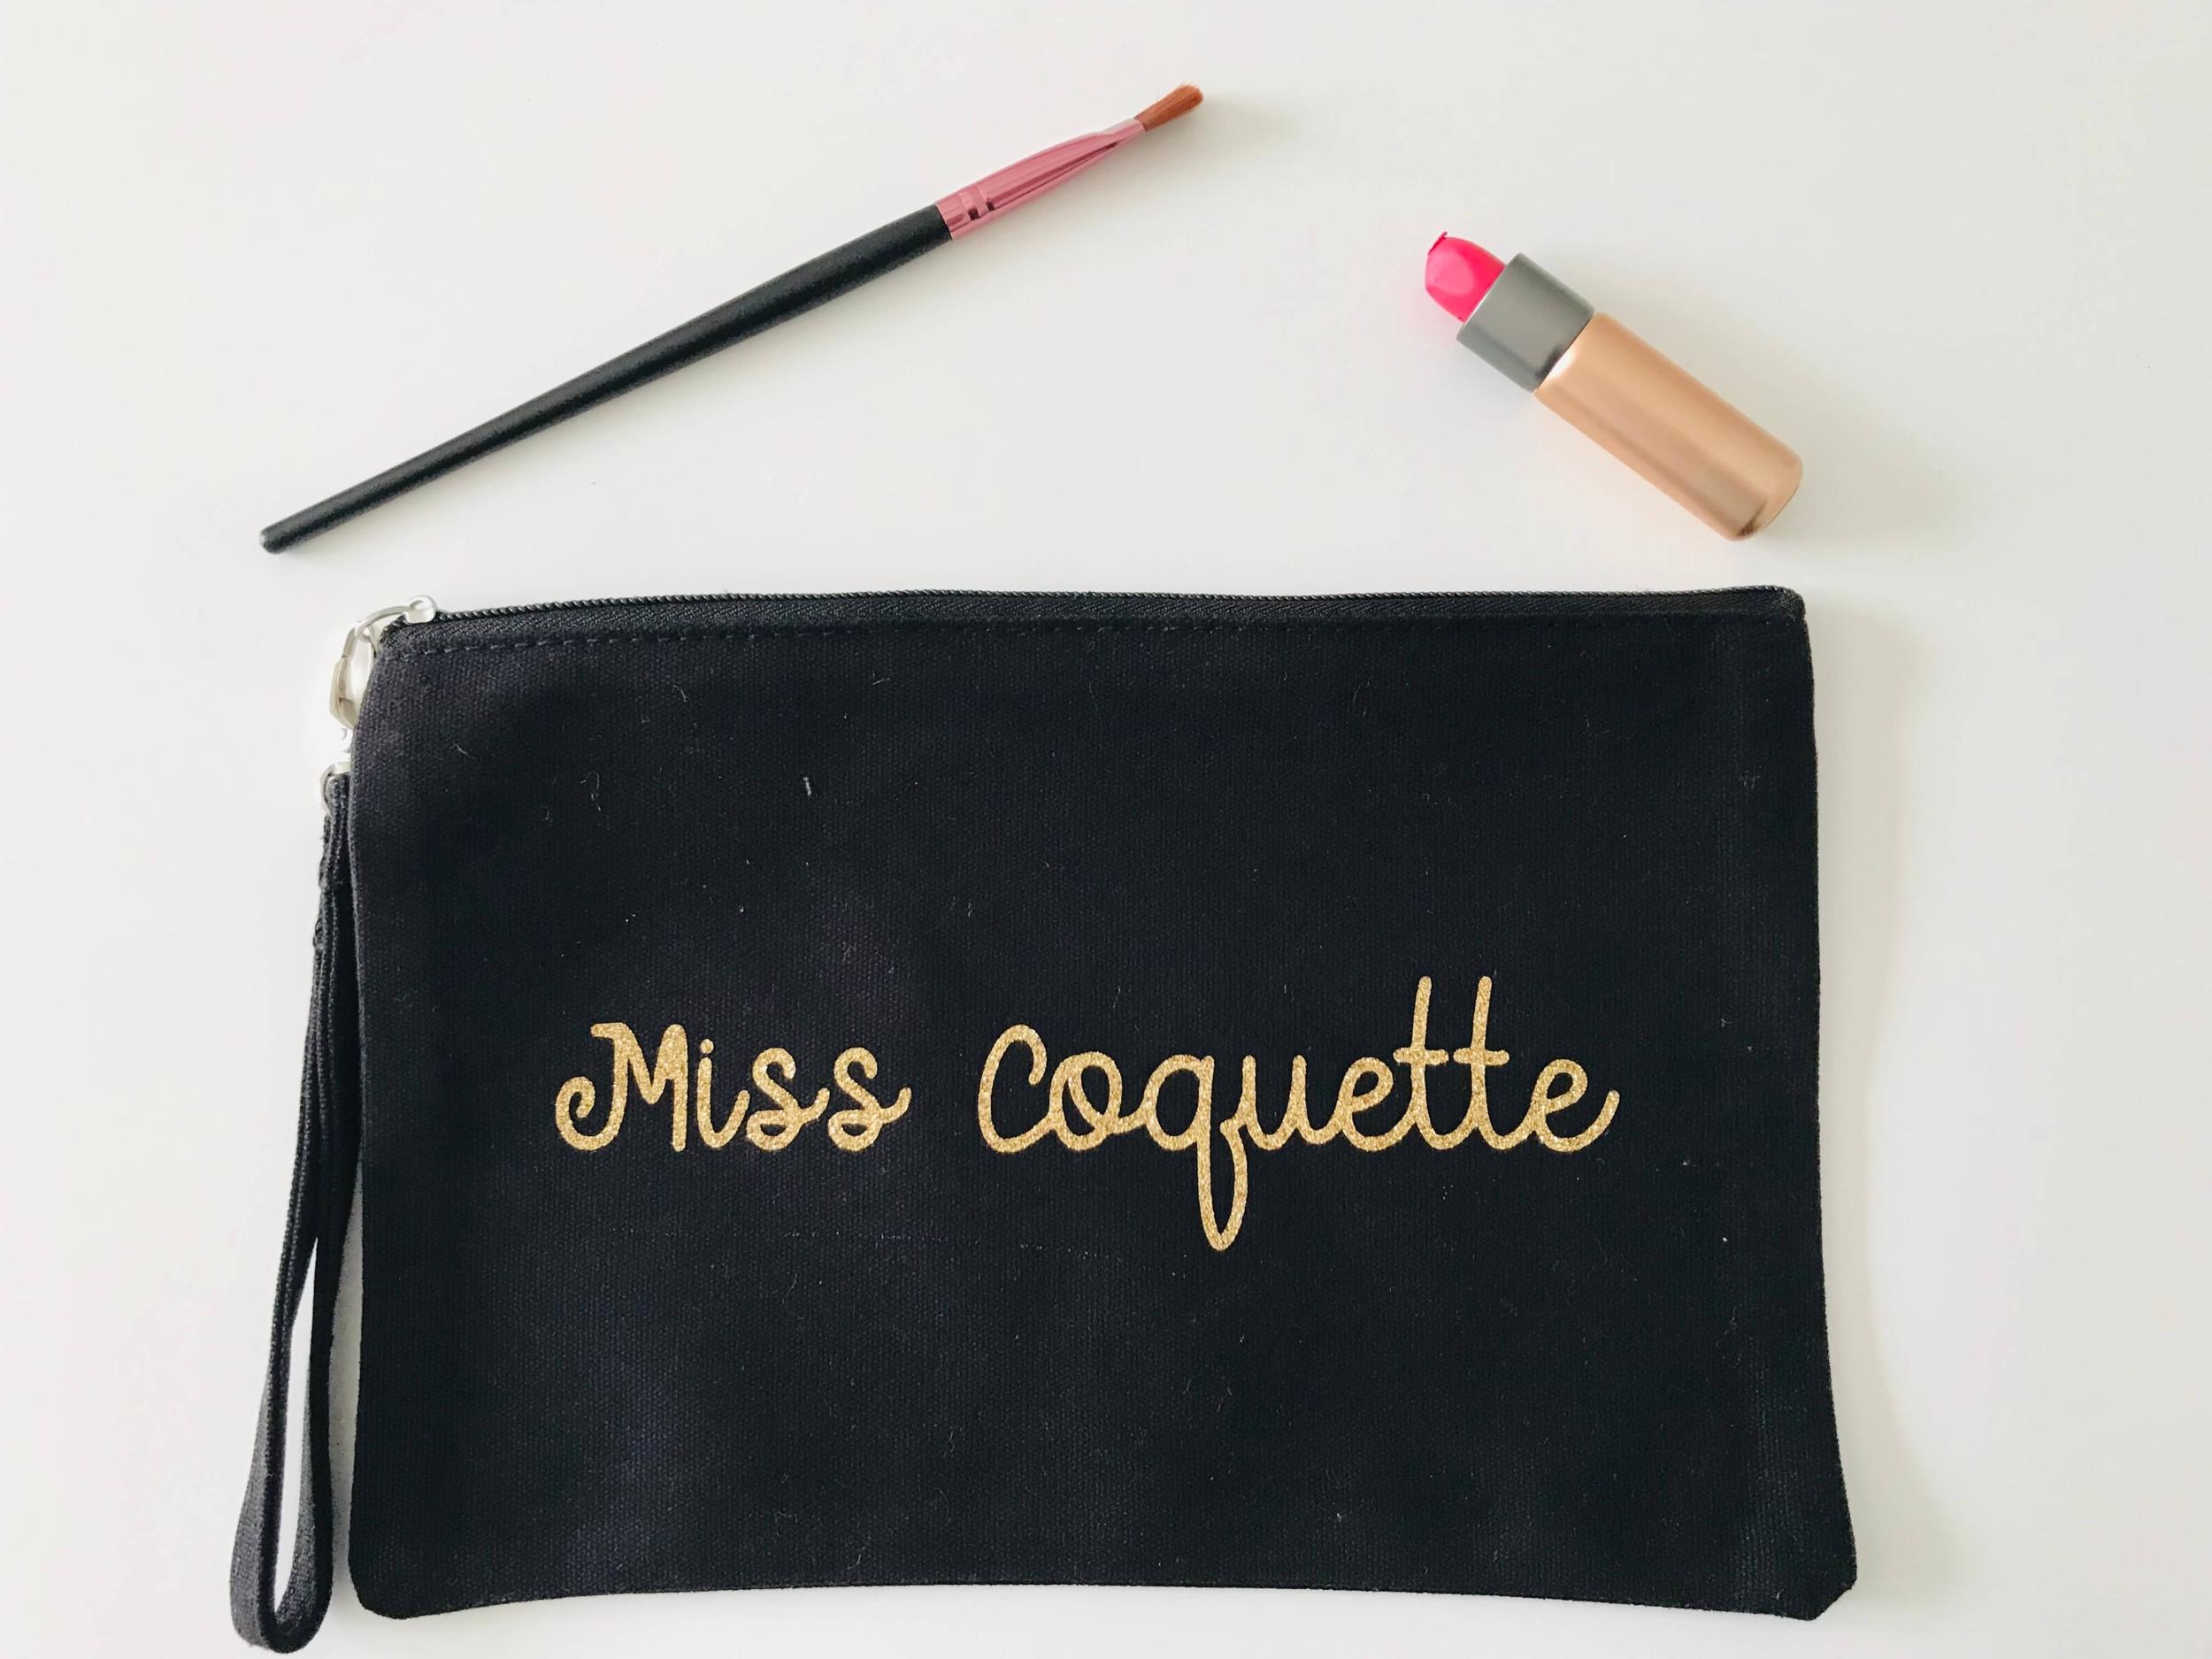 Pochette Miss Coquette